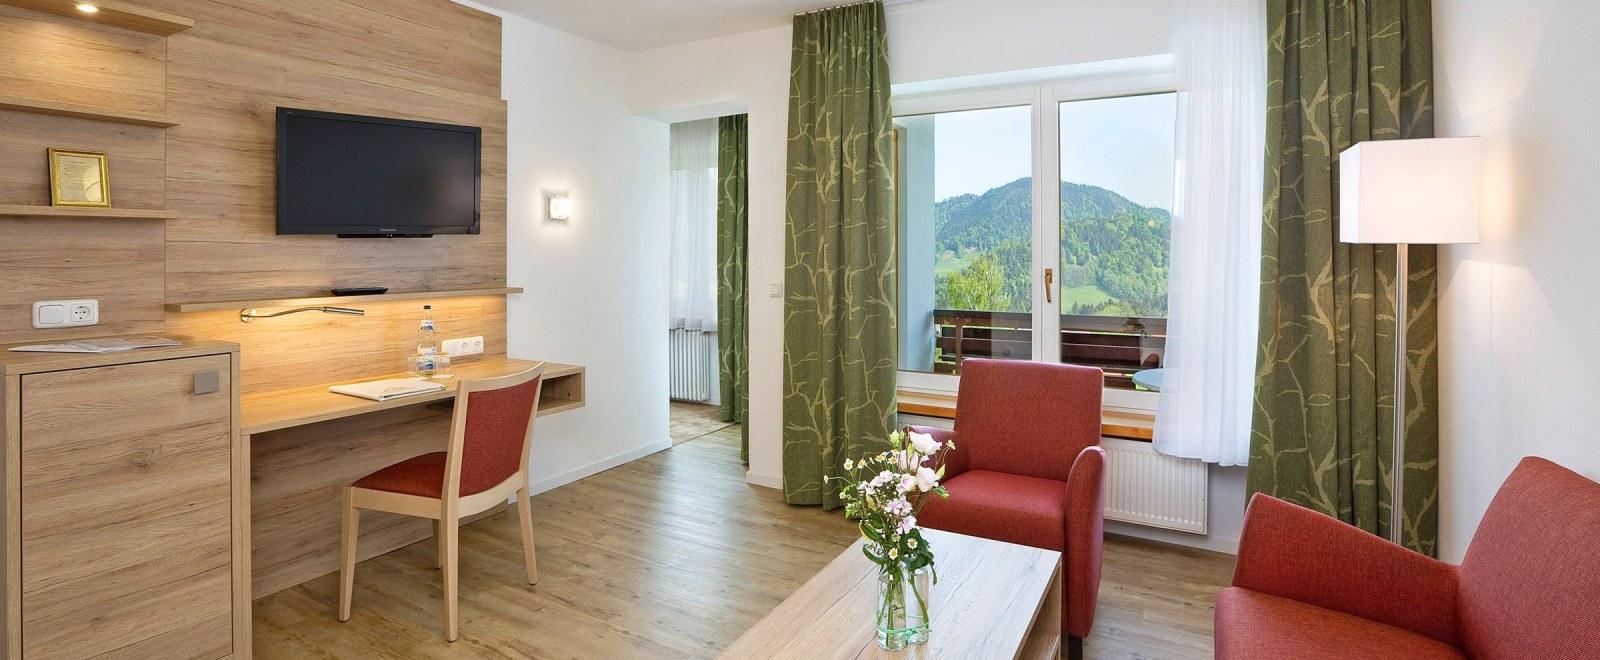 Hotelzimmer für Ihren Urlaub in Oberstdorf